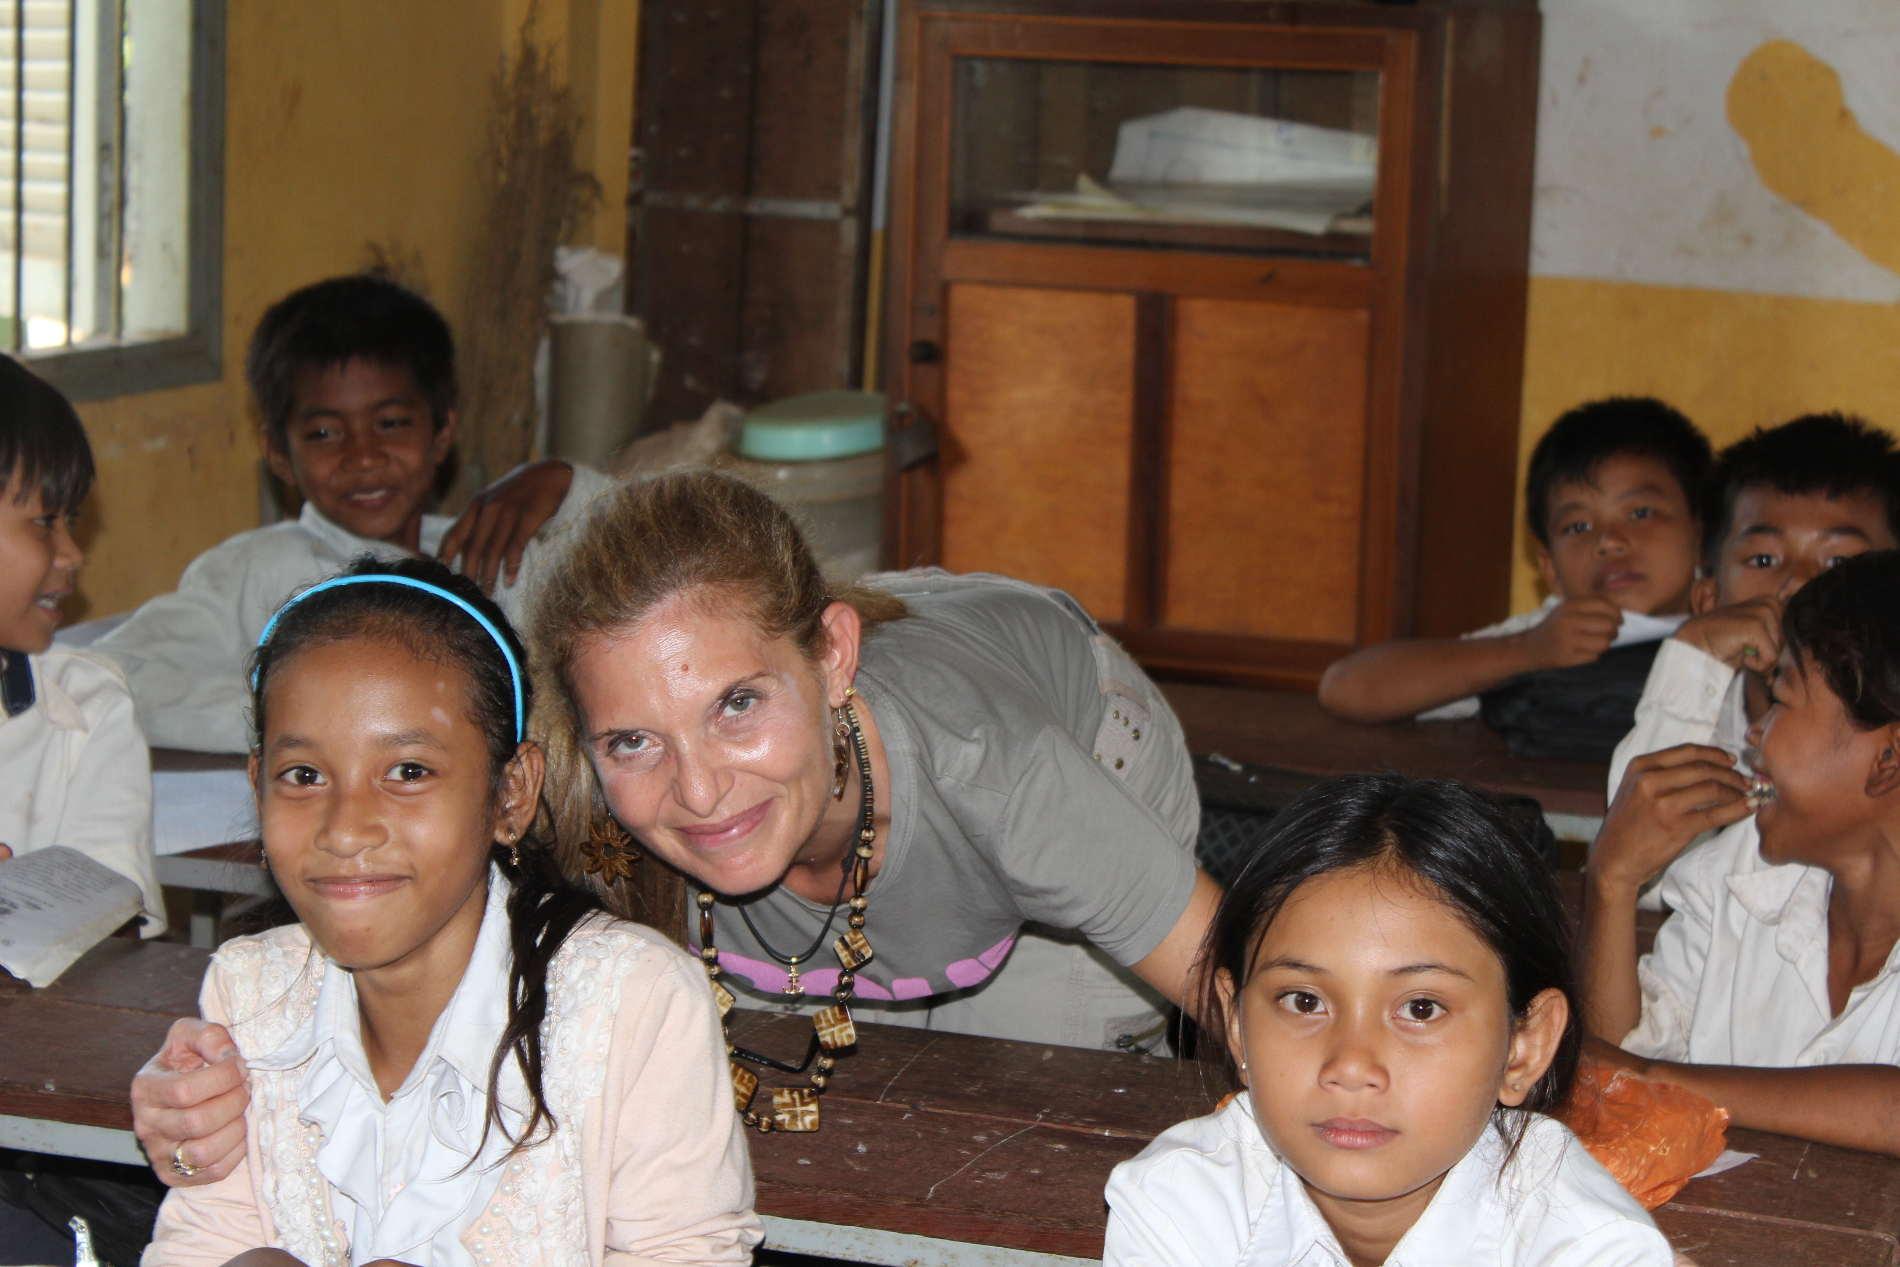 Turismo Sostenibile e Responsabile in cambogia, fra i bambini in una scuola